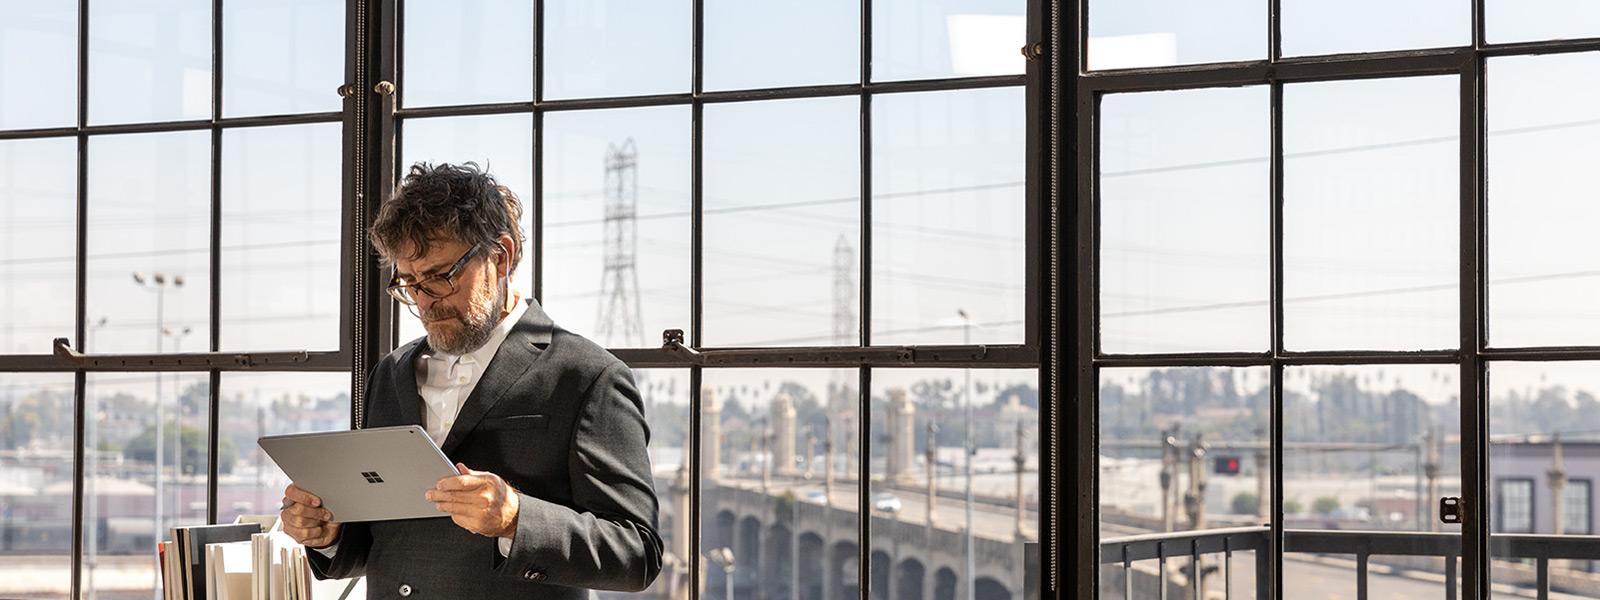 Un homme près d'une fenêtre regarde son SurfaceBook3 en mode tablette